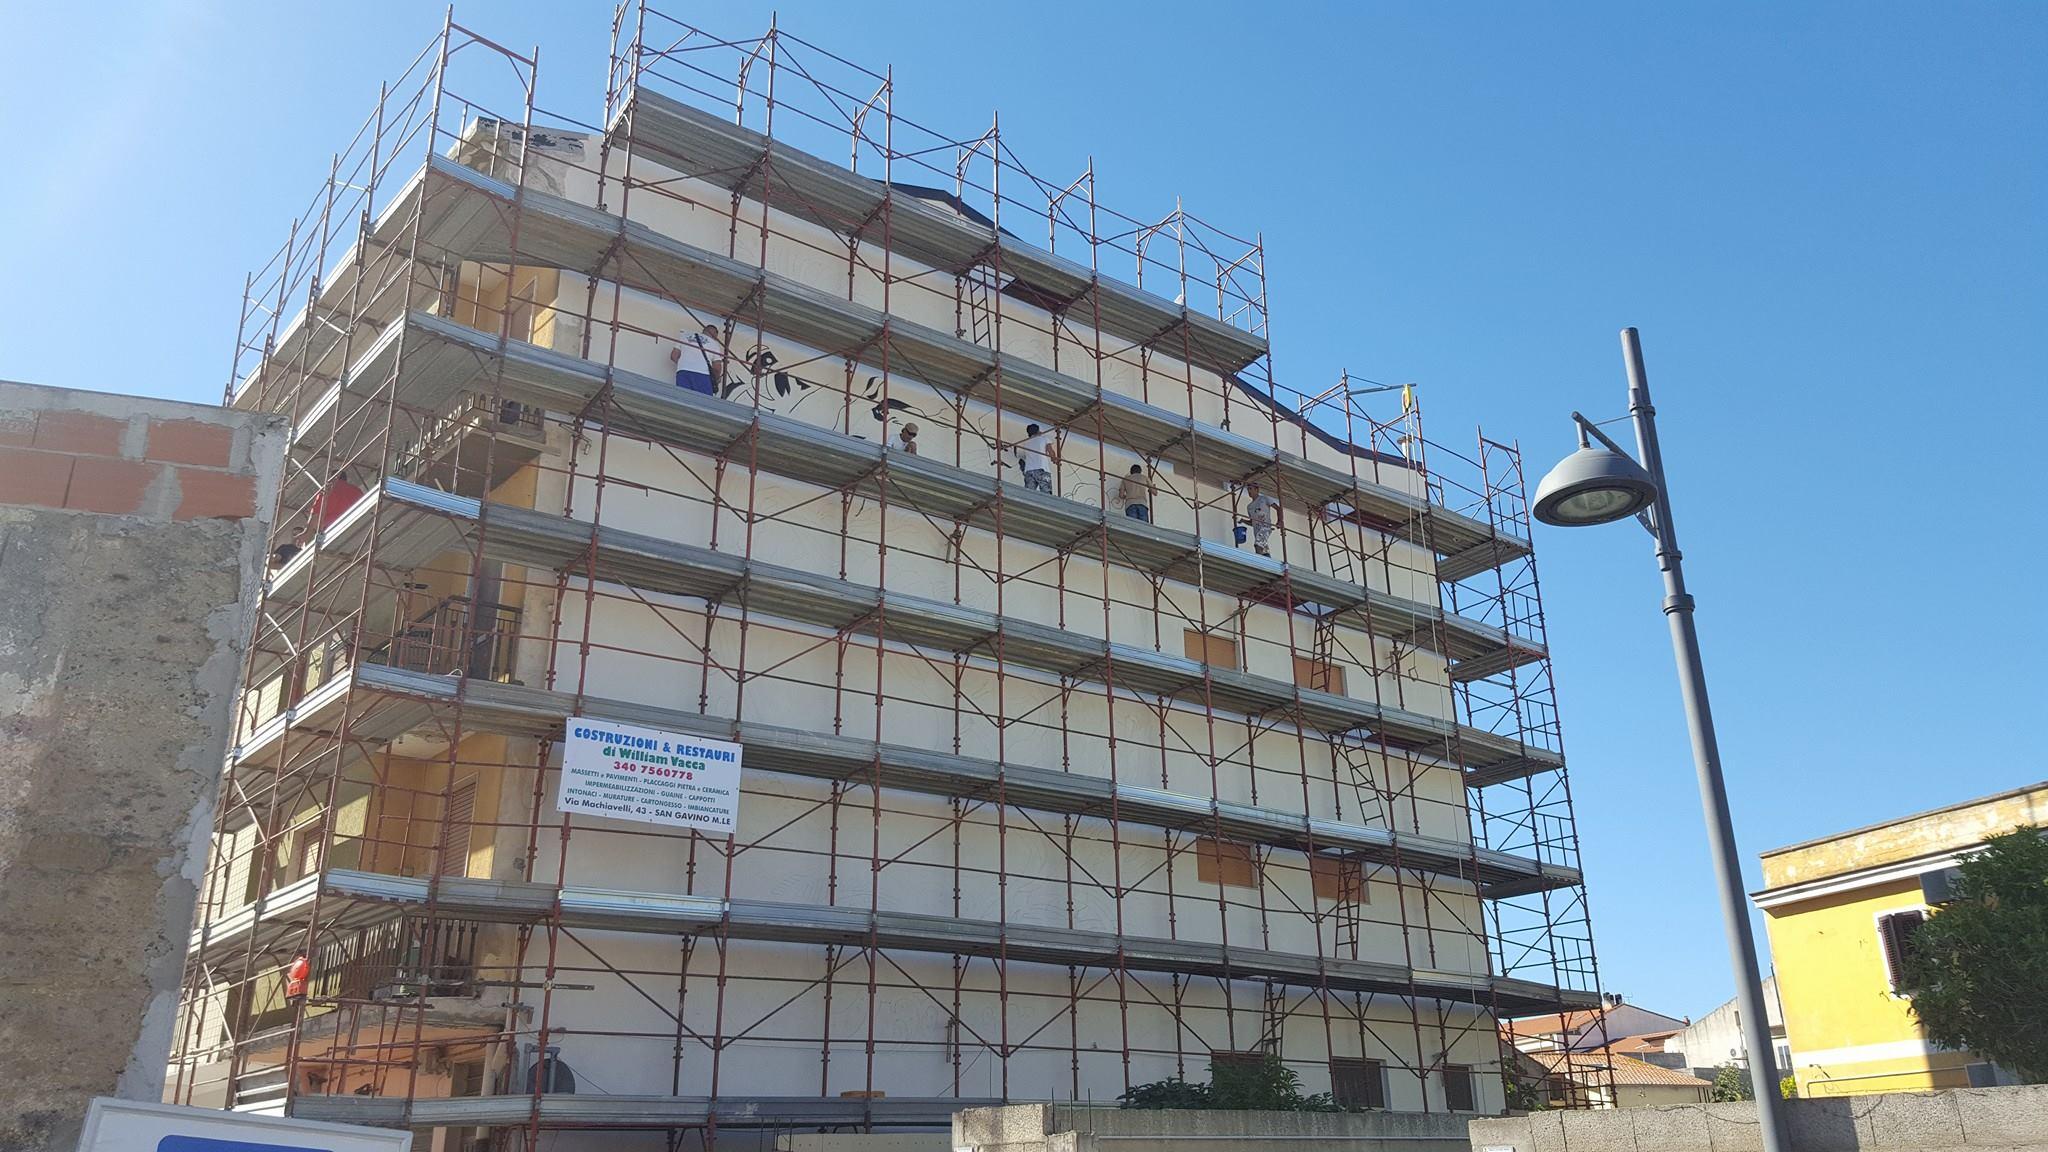 Primi scatti del nuovo murale in via Santa Croce